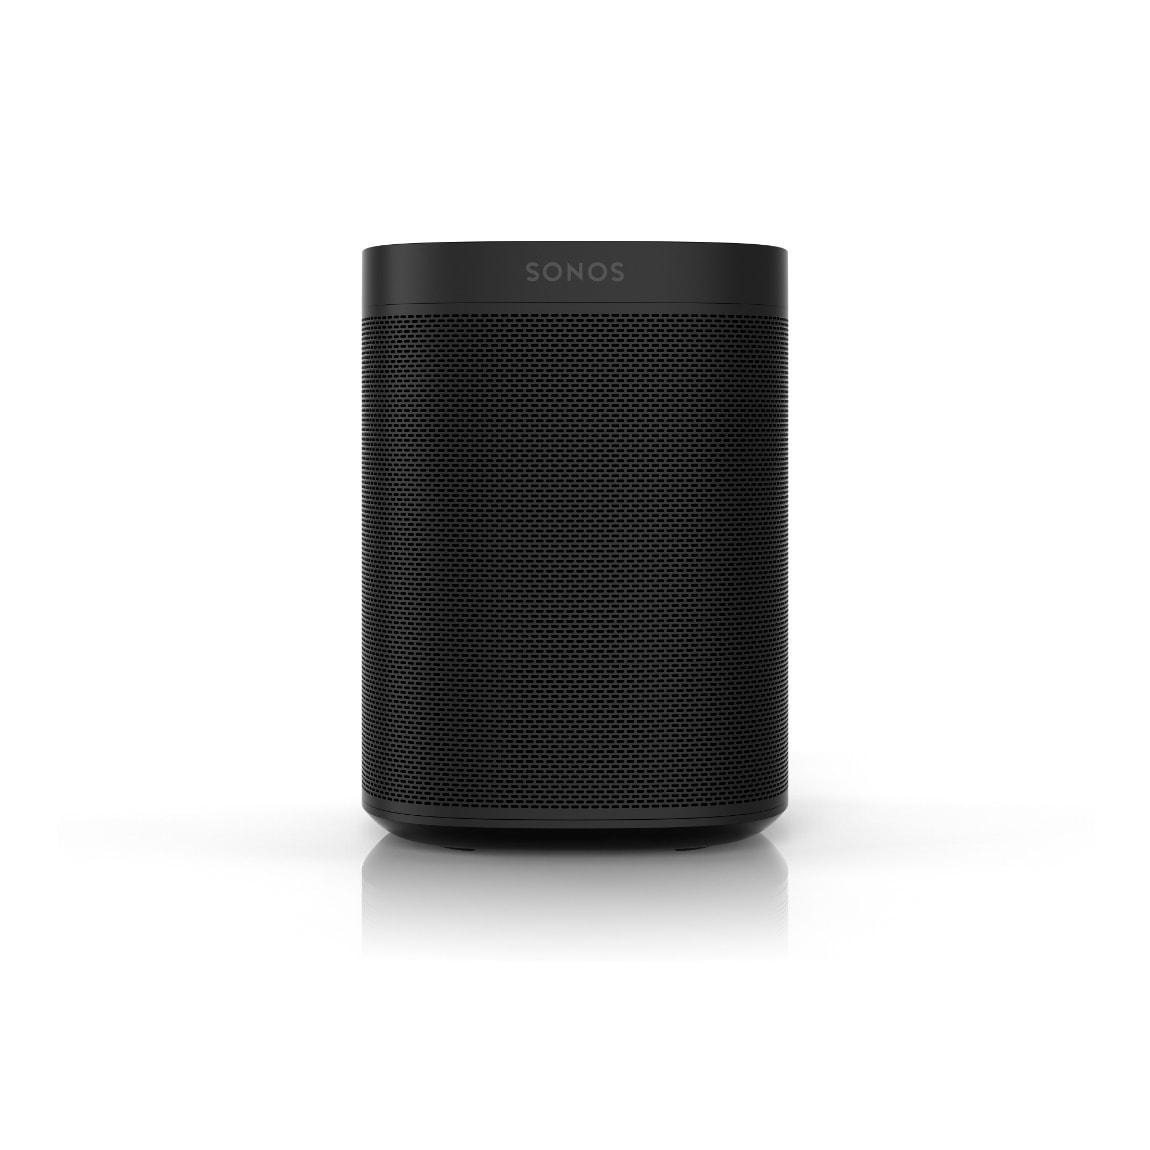 Sonos One Gen. 2 - Smart Speaker mit Sprachsteuerung - Schwarz